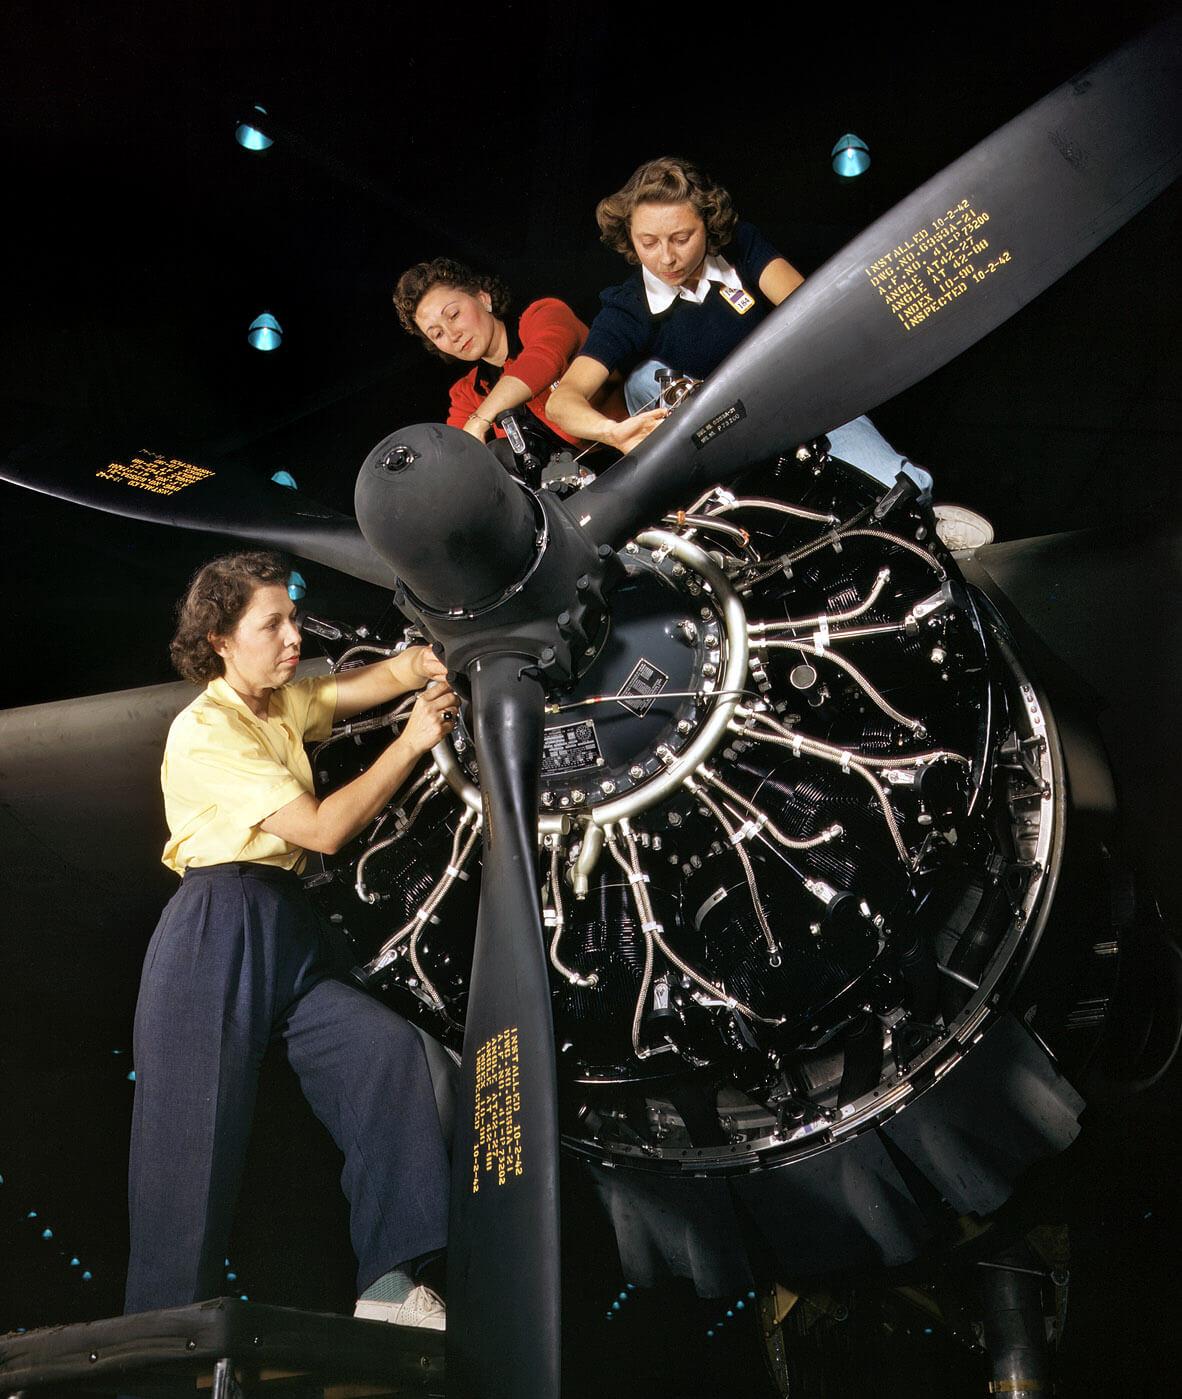 repülőgép, amerikai szerelők, propeller